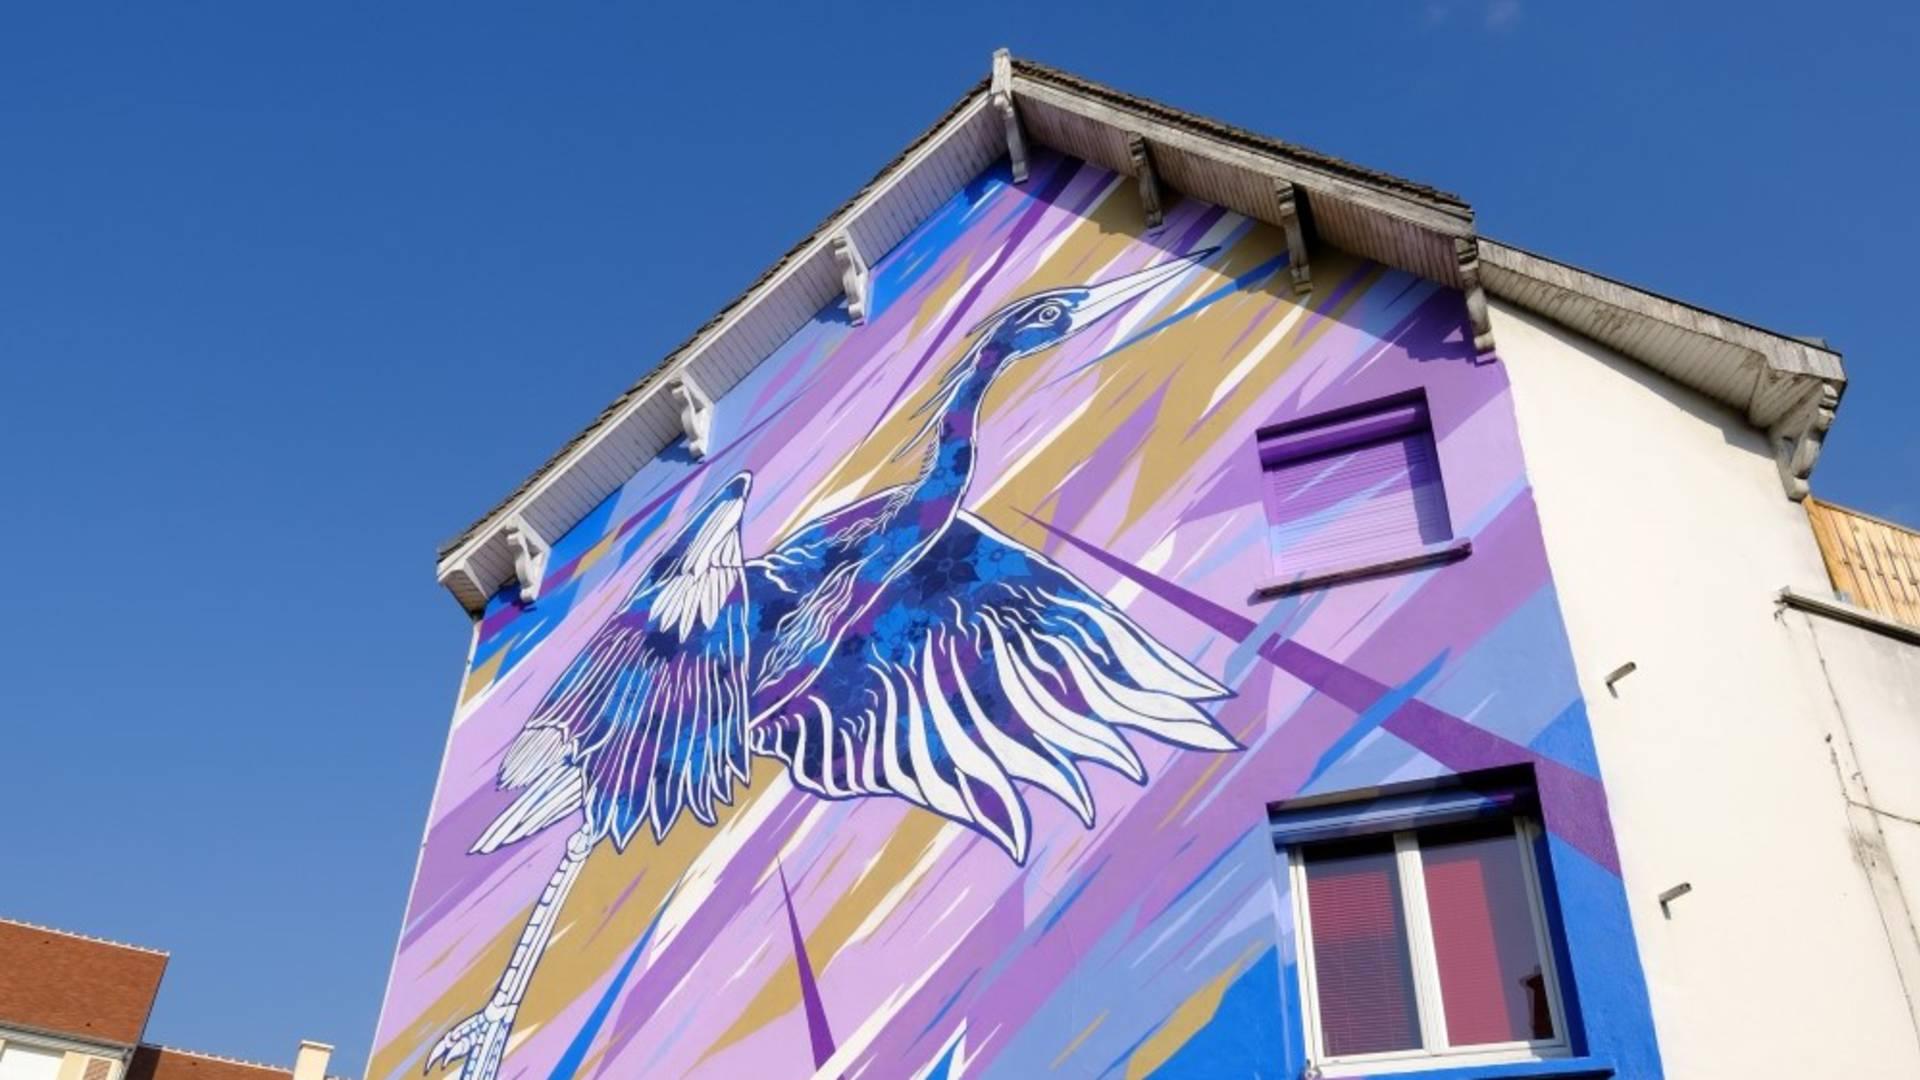 Héron cendré sur fond coloré sur une façade de bâtiment sur la place drouaise à Chartres